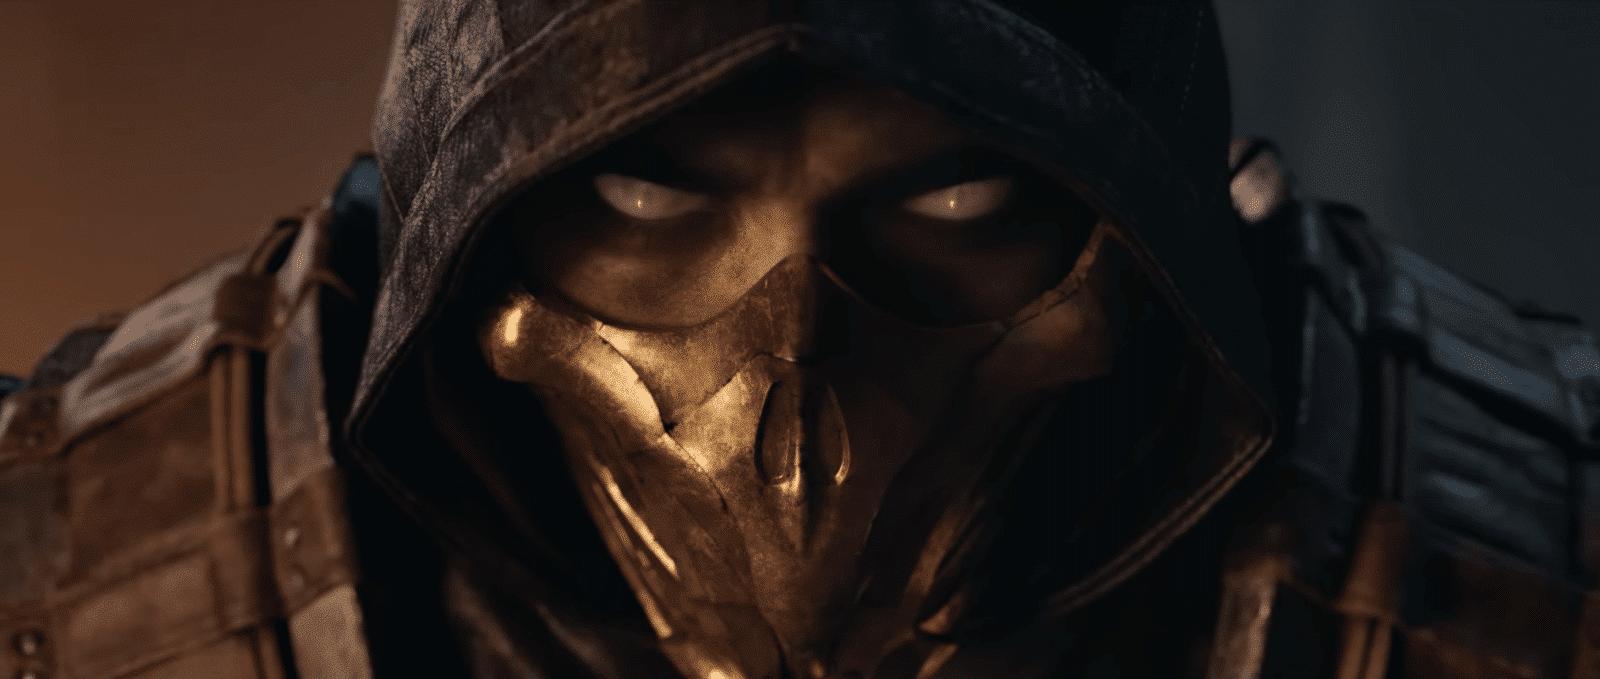 Film Mortal Kombat bude obsahovat reálnější znázornění násilí než ve hrách